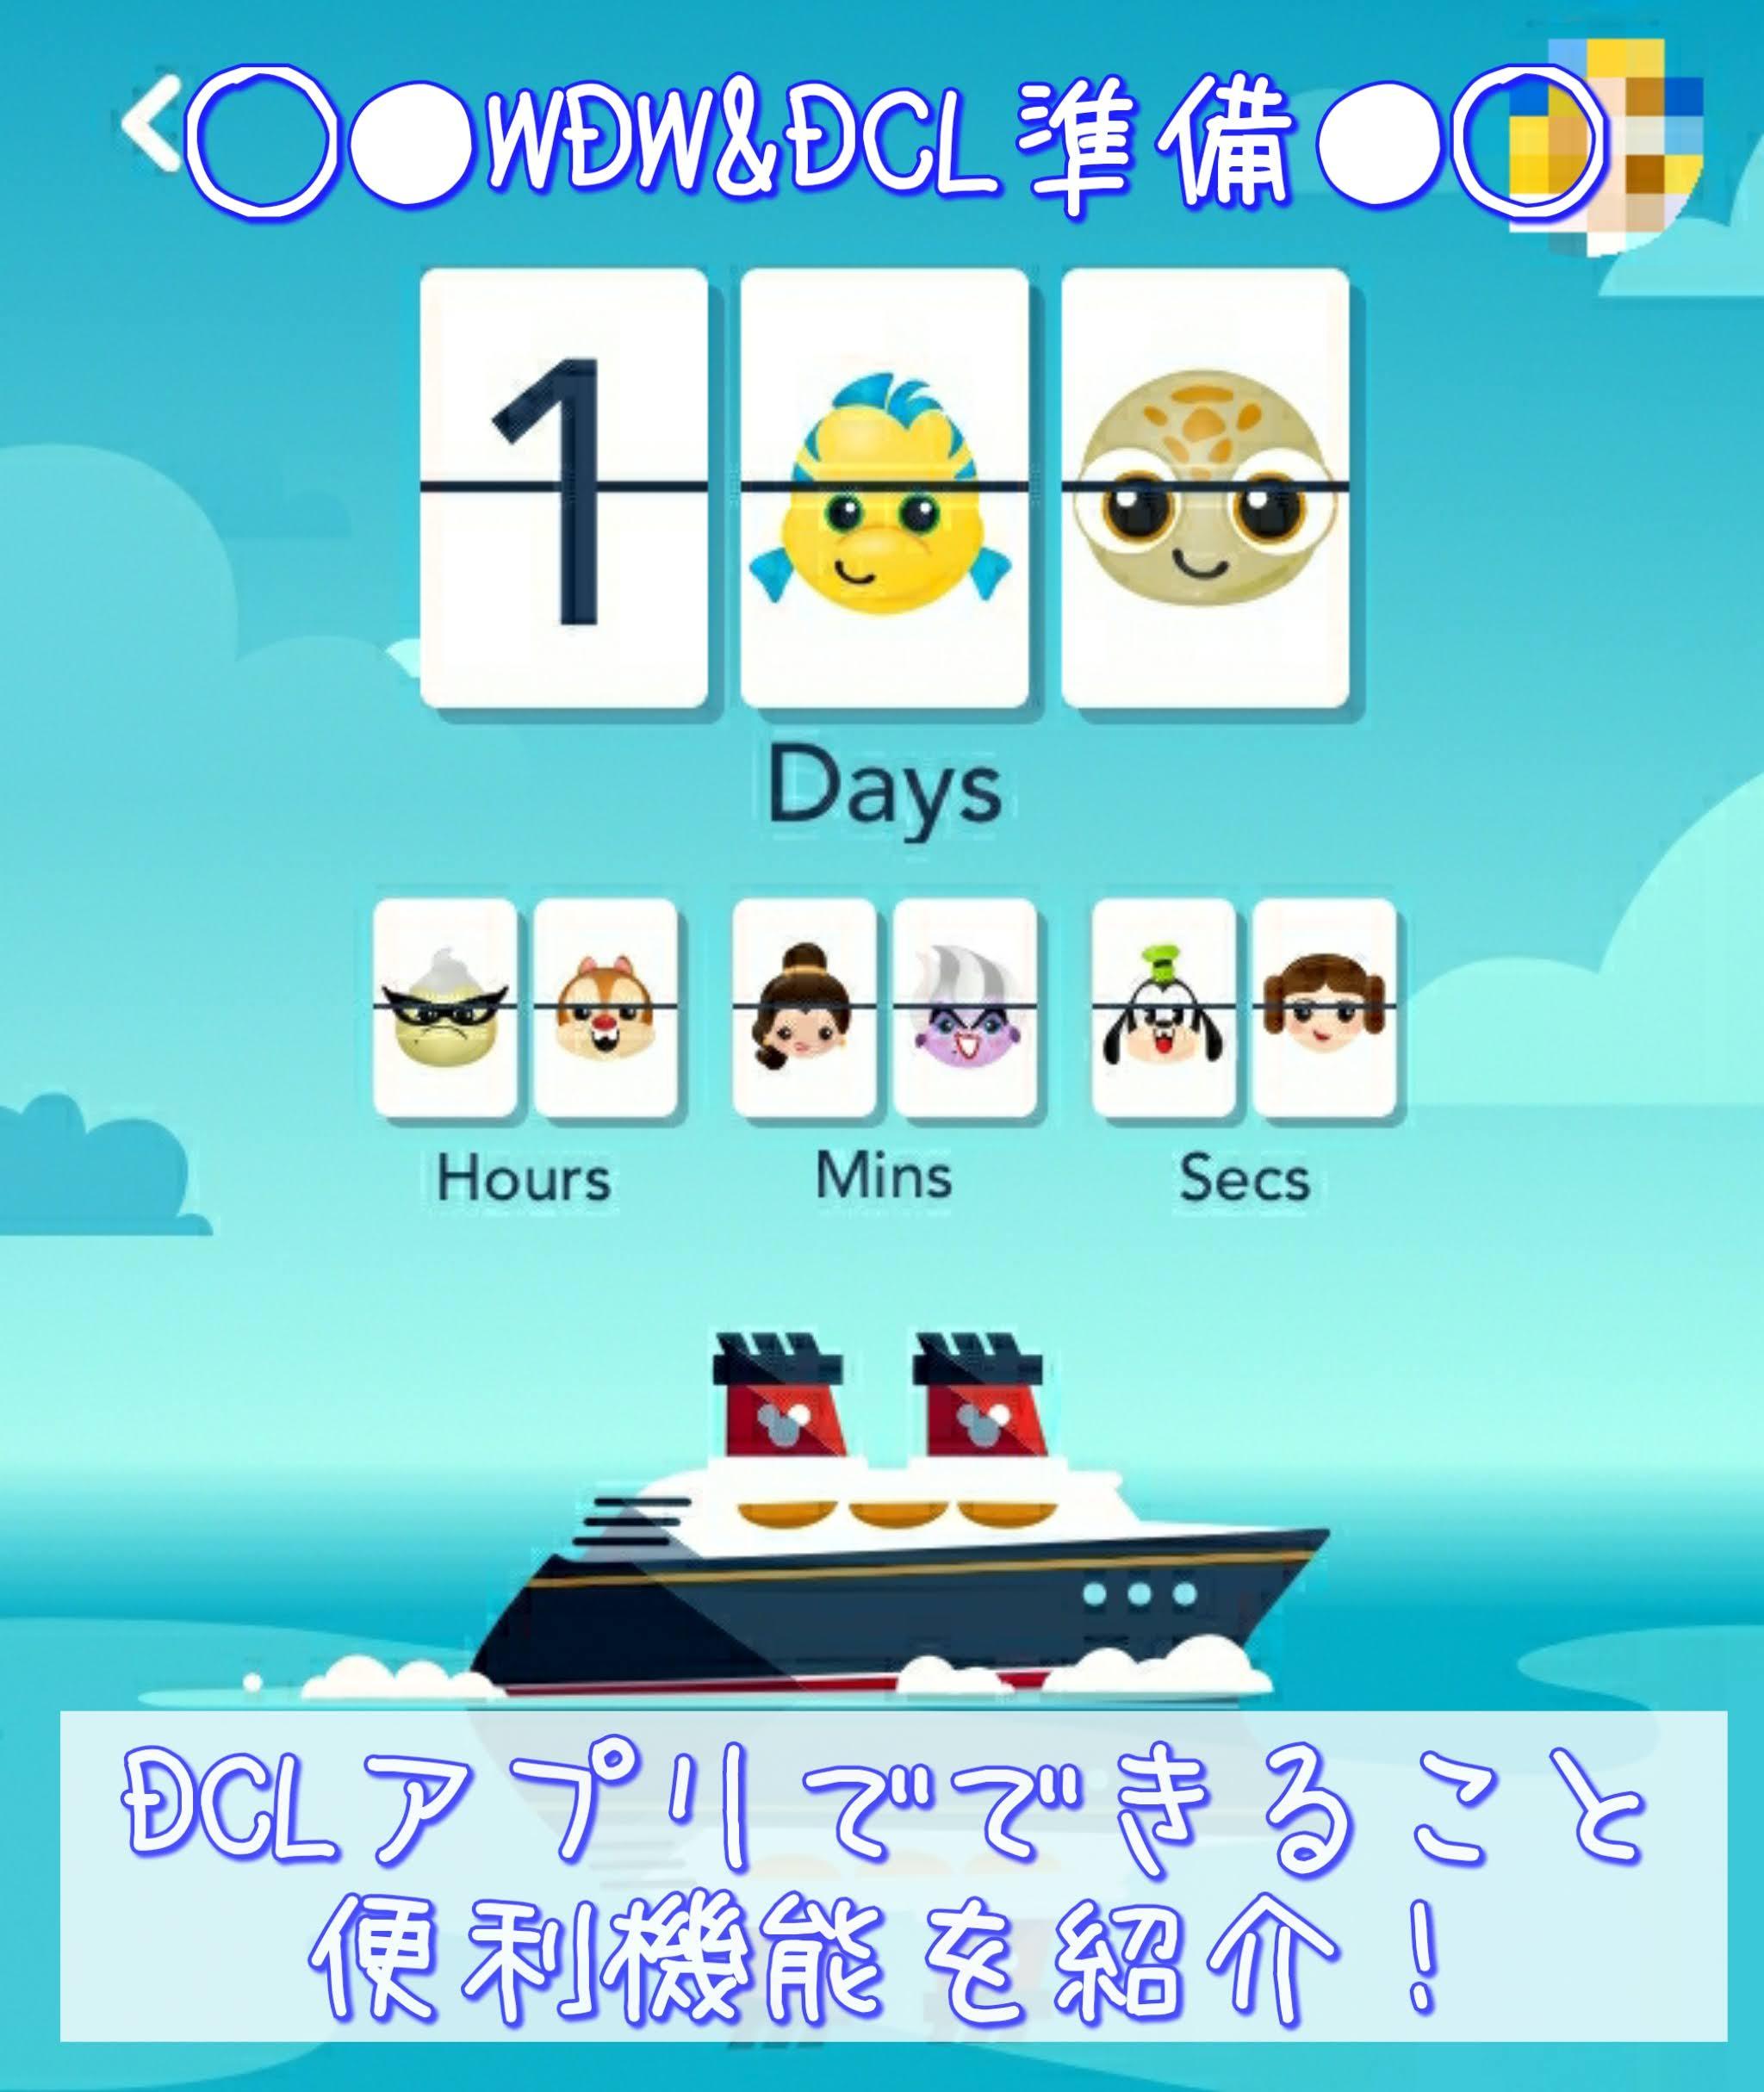 DCLアプリ「Disney Cruise Line」でできること・実際に利用した便利機能を紹介!乗船前は可愛いカウントダウンが見れる